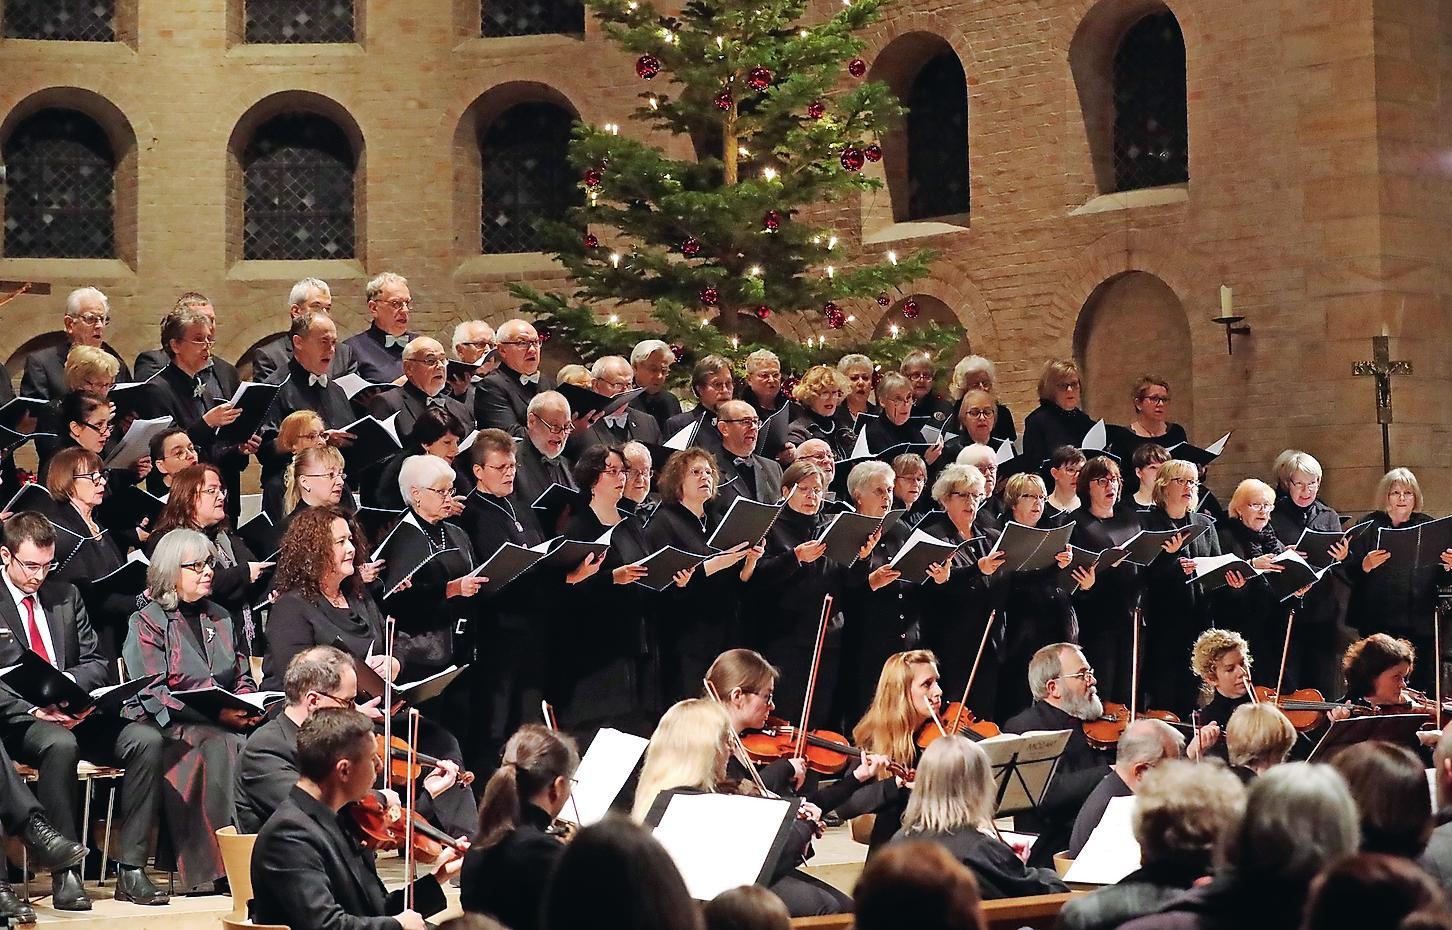 Arbeiten kontinuierlich am gemeinsamen Chorklang: die 80 Sänger und Sängerinnen des Mozartchors.